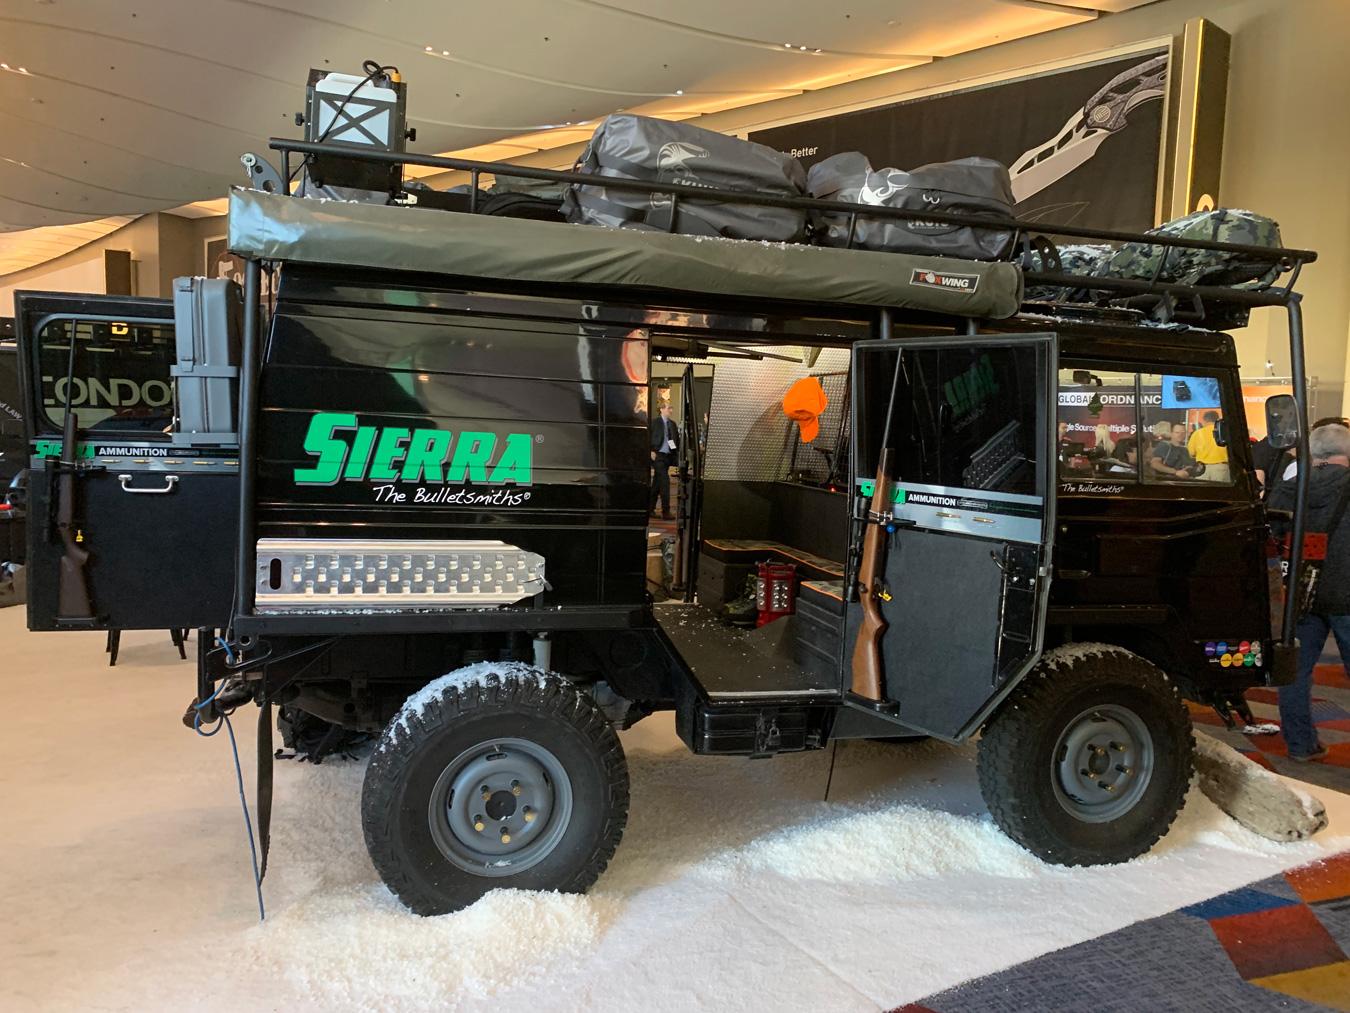 Sierra Bullets Unimog at SHOT Show 2019